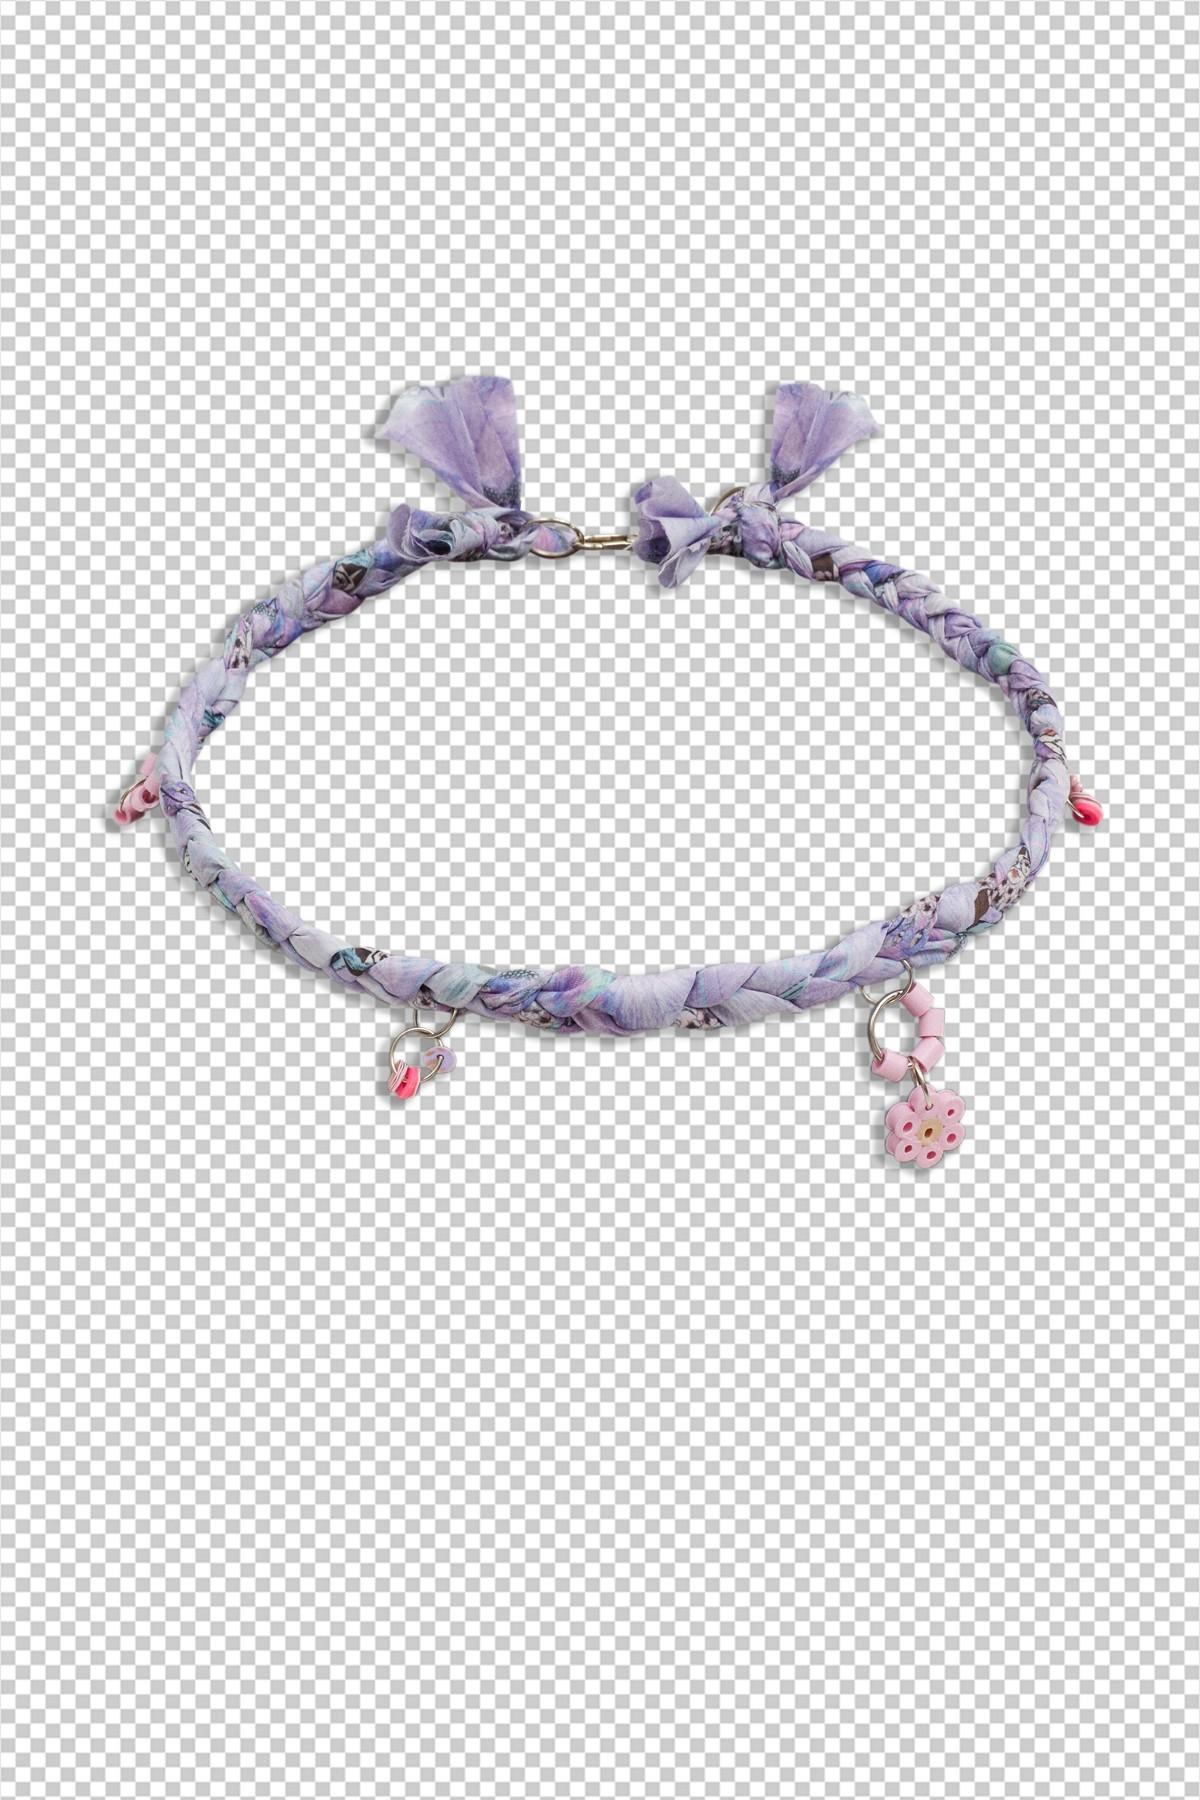 Open.Wear.Eat Necklace / Pink